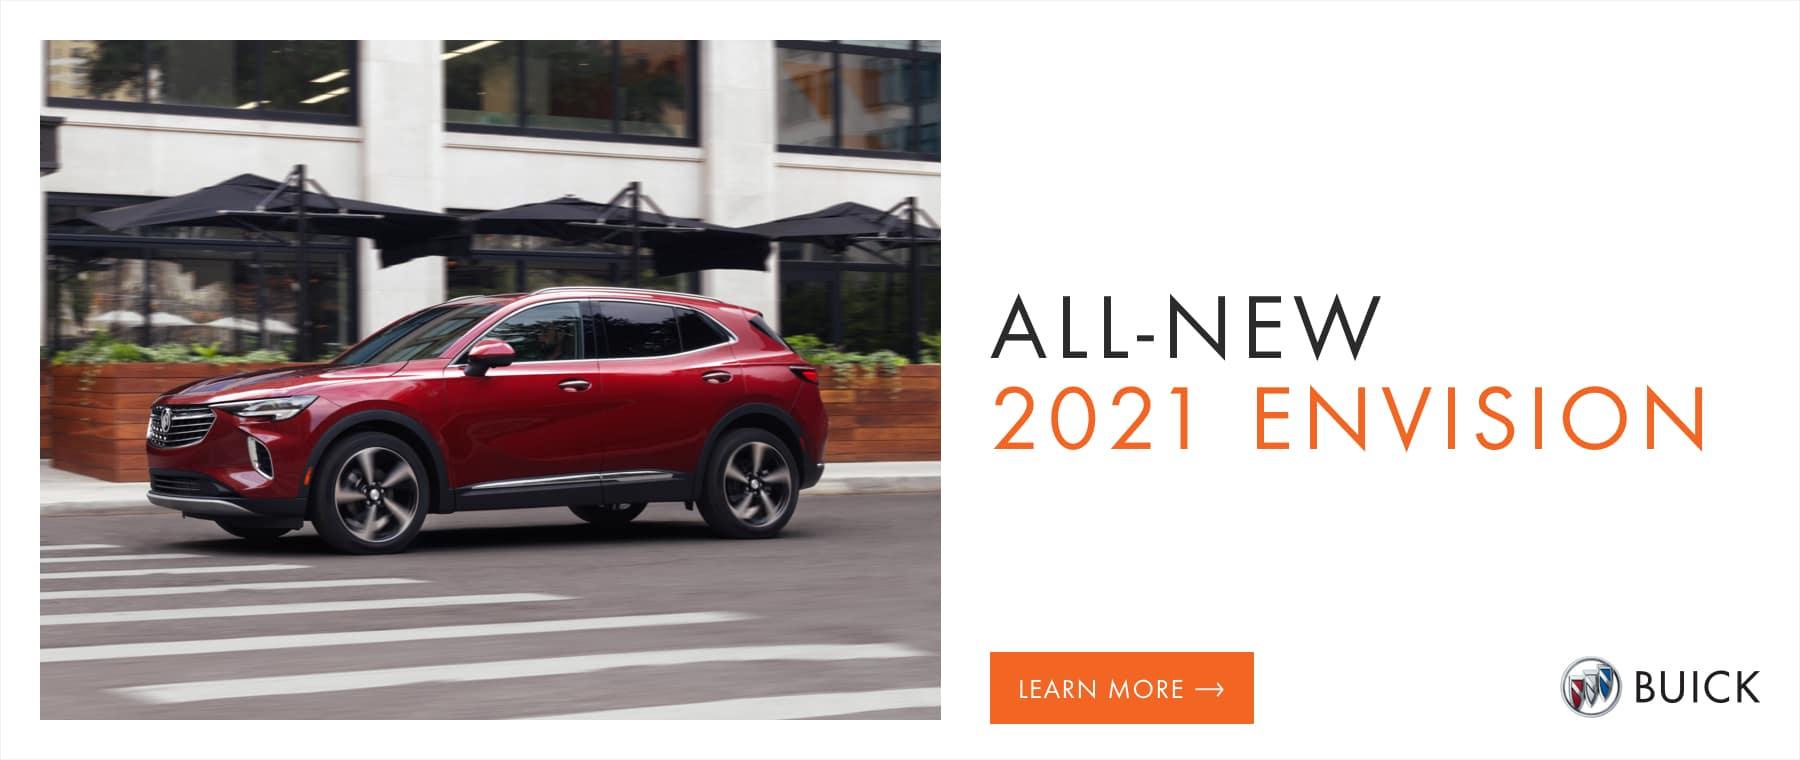 2021 Envision